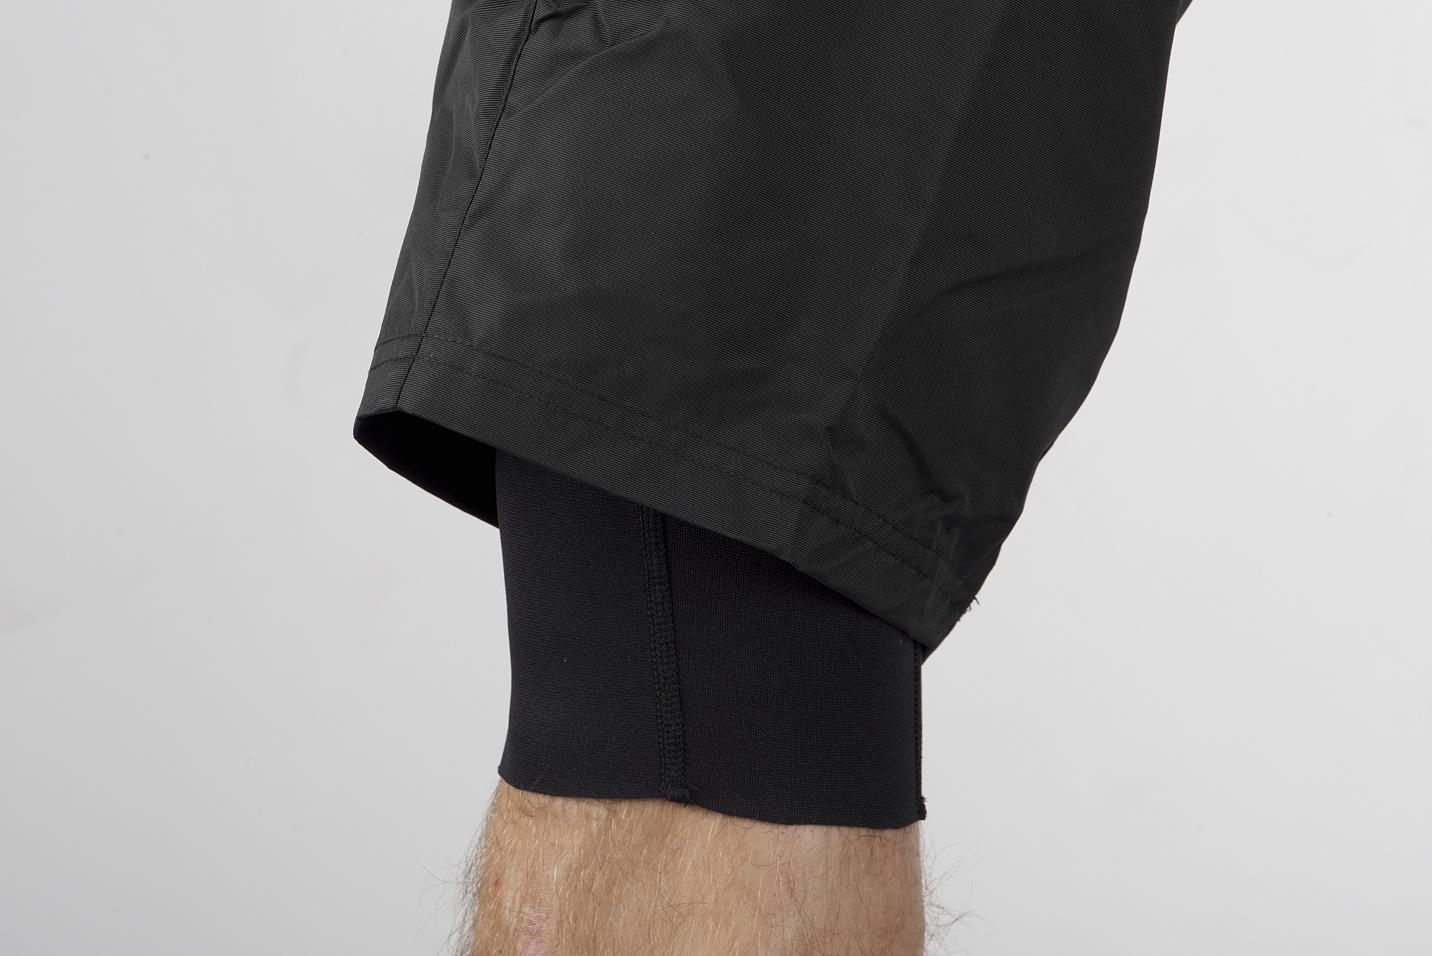 shambala_shorts-true_black-detail04.jpg